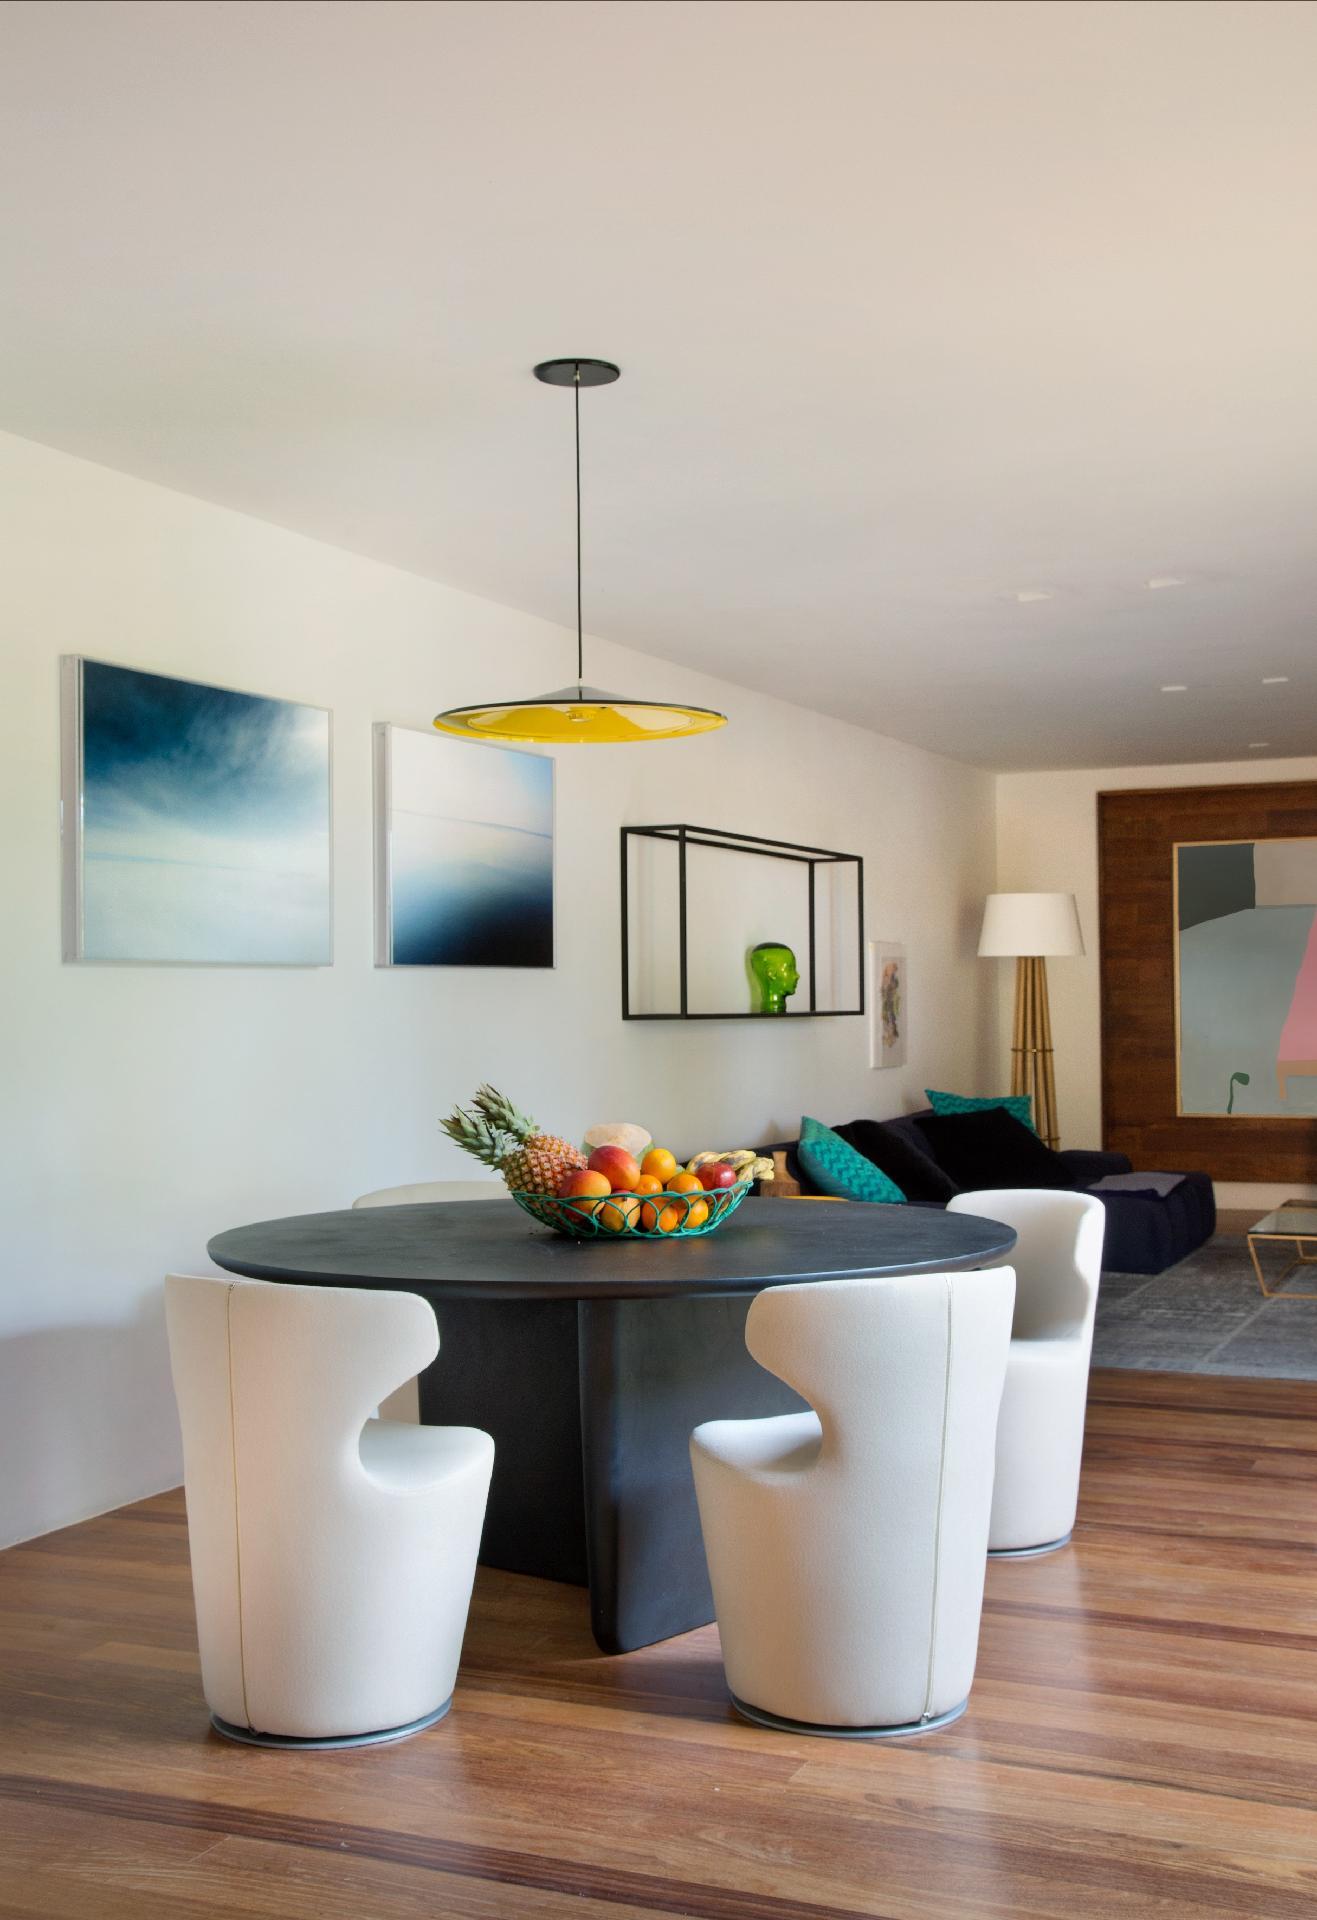 Integrada com a sala de TV (ao fundo), a área de jantar conta com a mesa Tobi Ishi e as cadeiras giratórias Mini Papilio, ambas da B&B Italia. O arquiteto Otto Felix decorou a parede do ambiente com as fotografias de Vane Barini